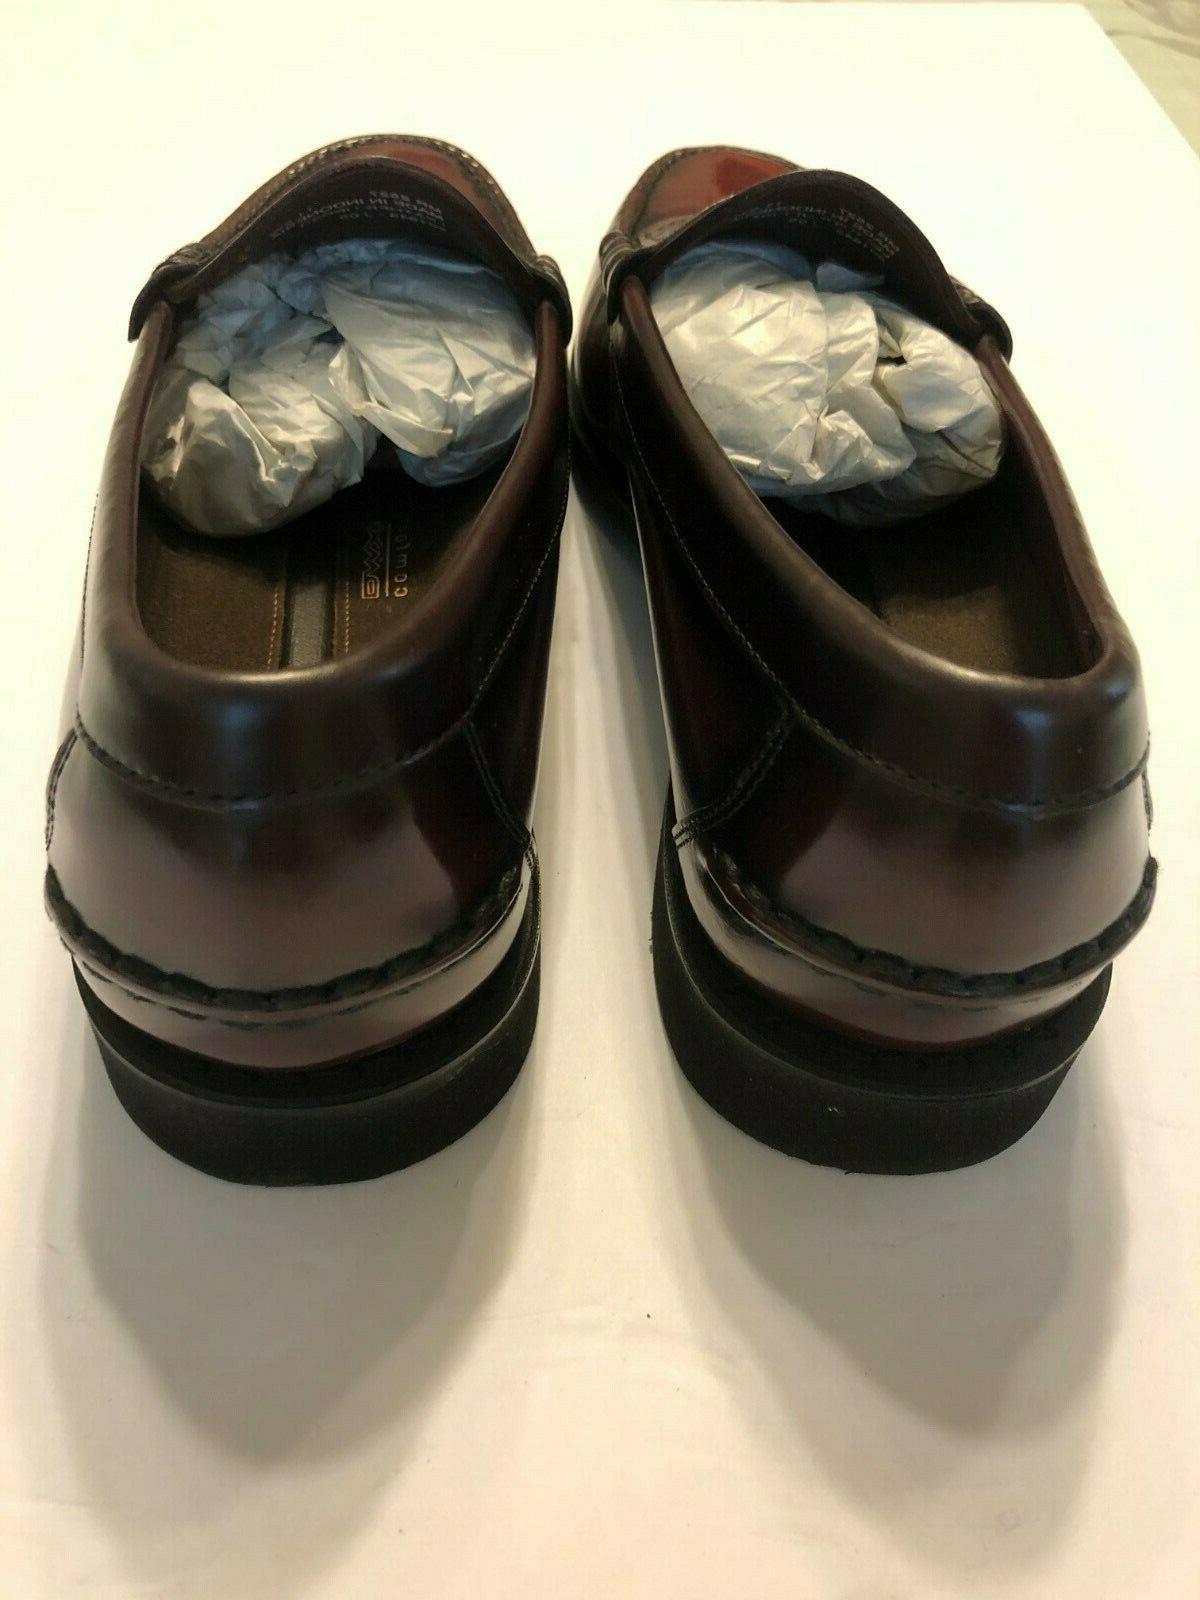 Rockport MR2527 Men's Burgundy Comfort Leather Penny Loafer 11.5